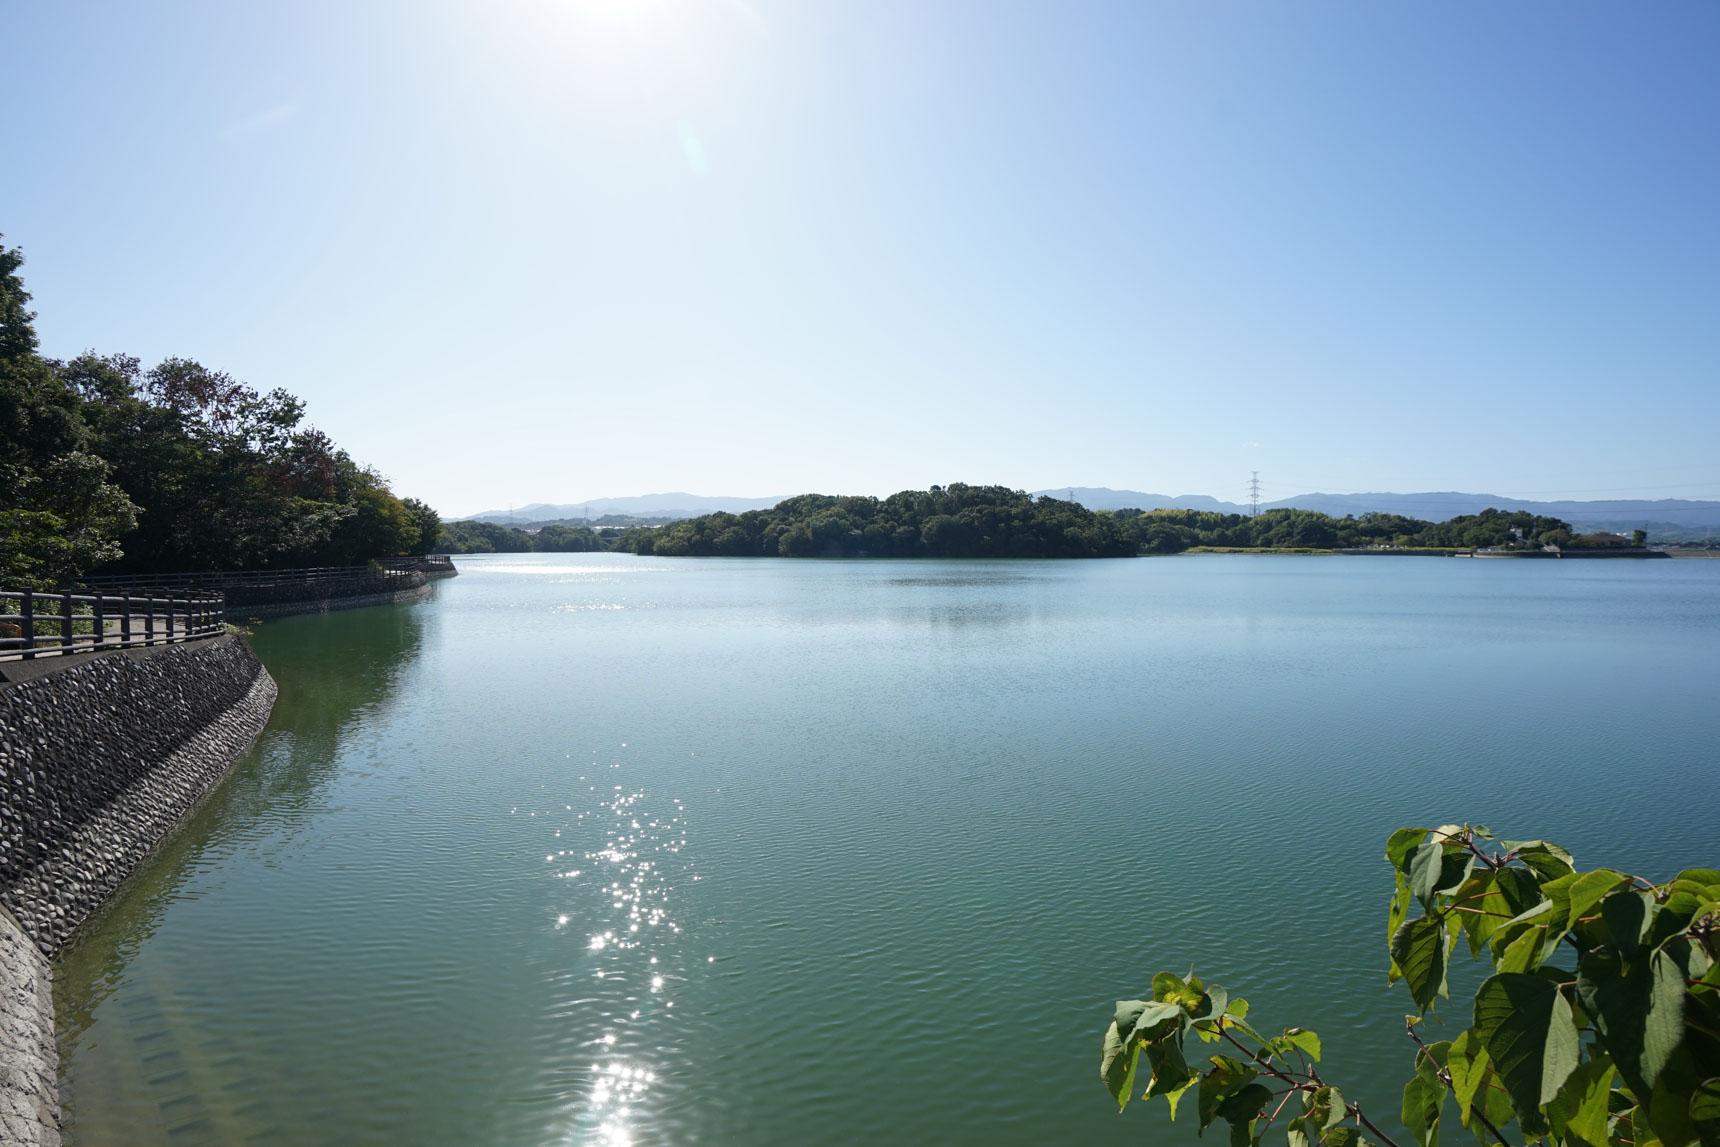 とても大きな光明池…!水辺にも遊歩道が整備されていて、天気の良い日の散策が楽しそうですね